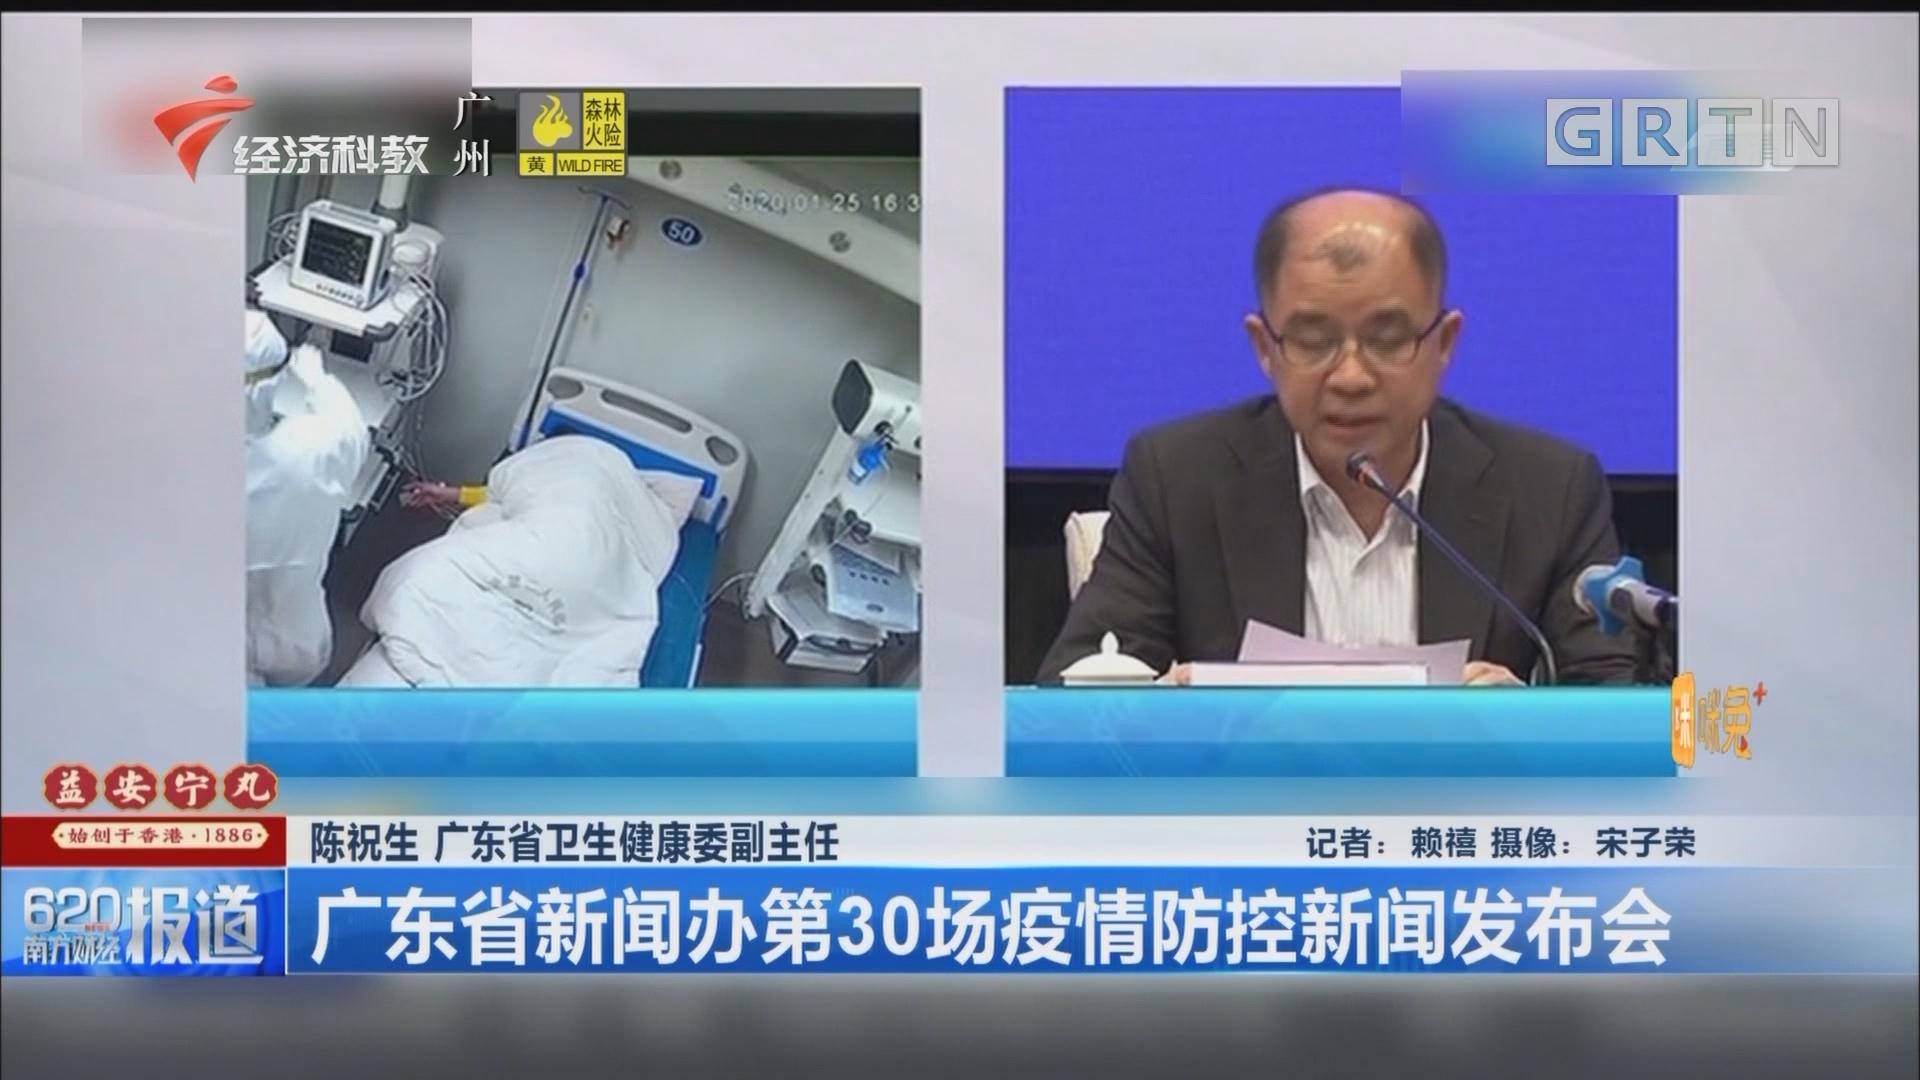 廣東省新聞辦第30場疫情防控新聞發布會